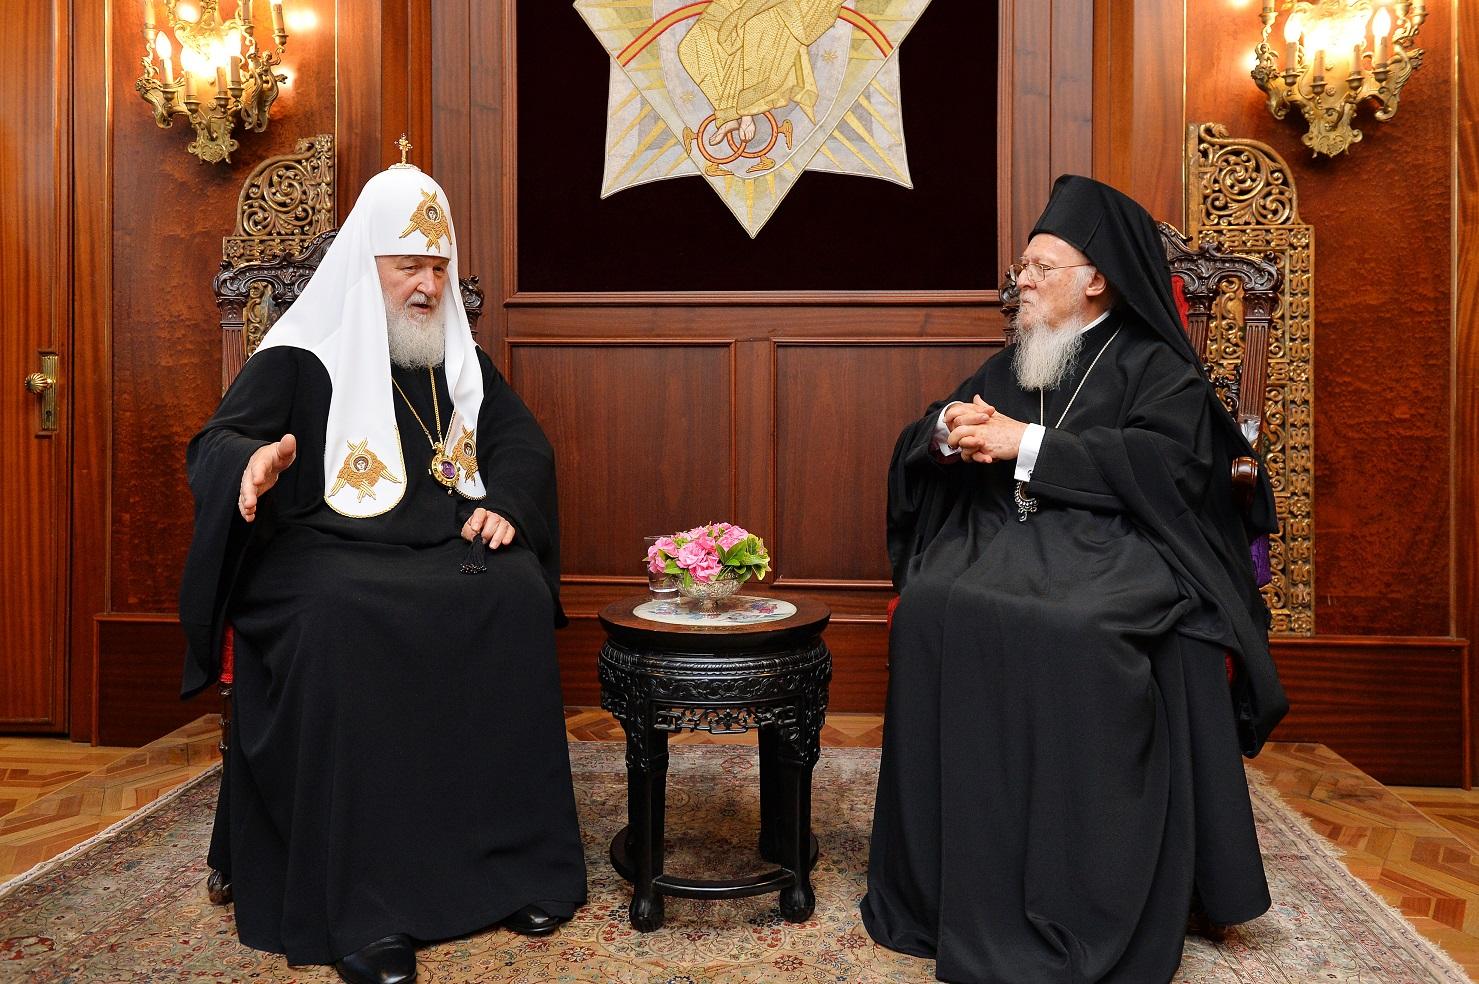 Энцо Бьянки: встреча Патриархов Варфоломея и Кирилла — шаг вперёд в диалоге